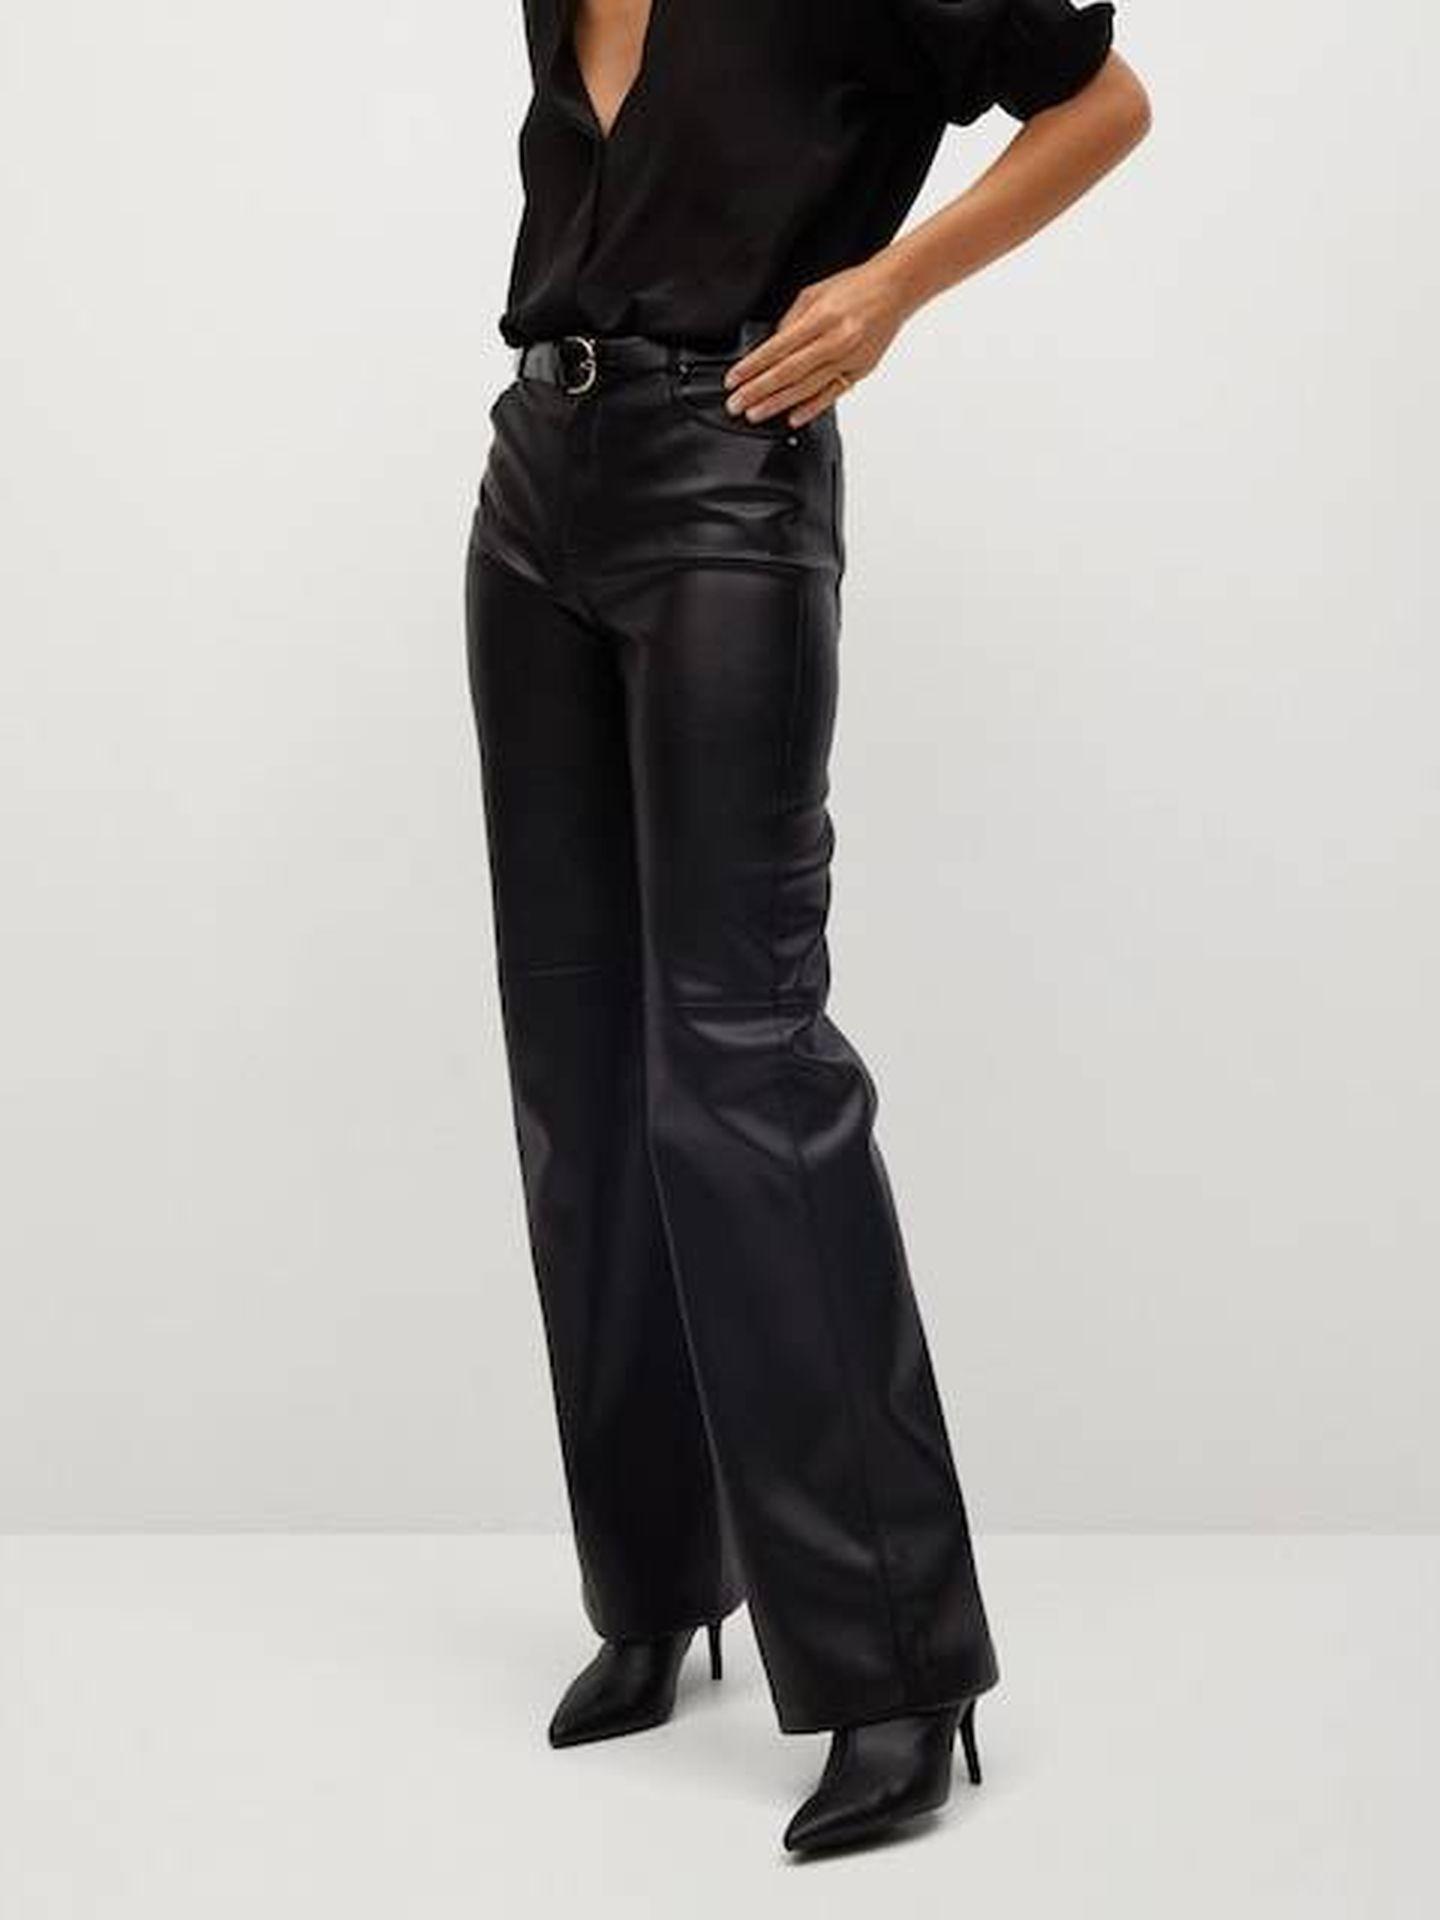 El pantalón de Mango que lleva Eugenia Silva. (Cortesía)